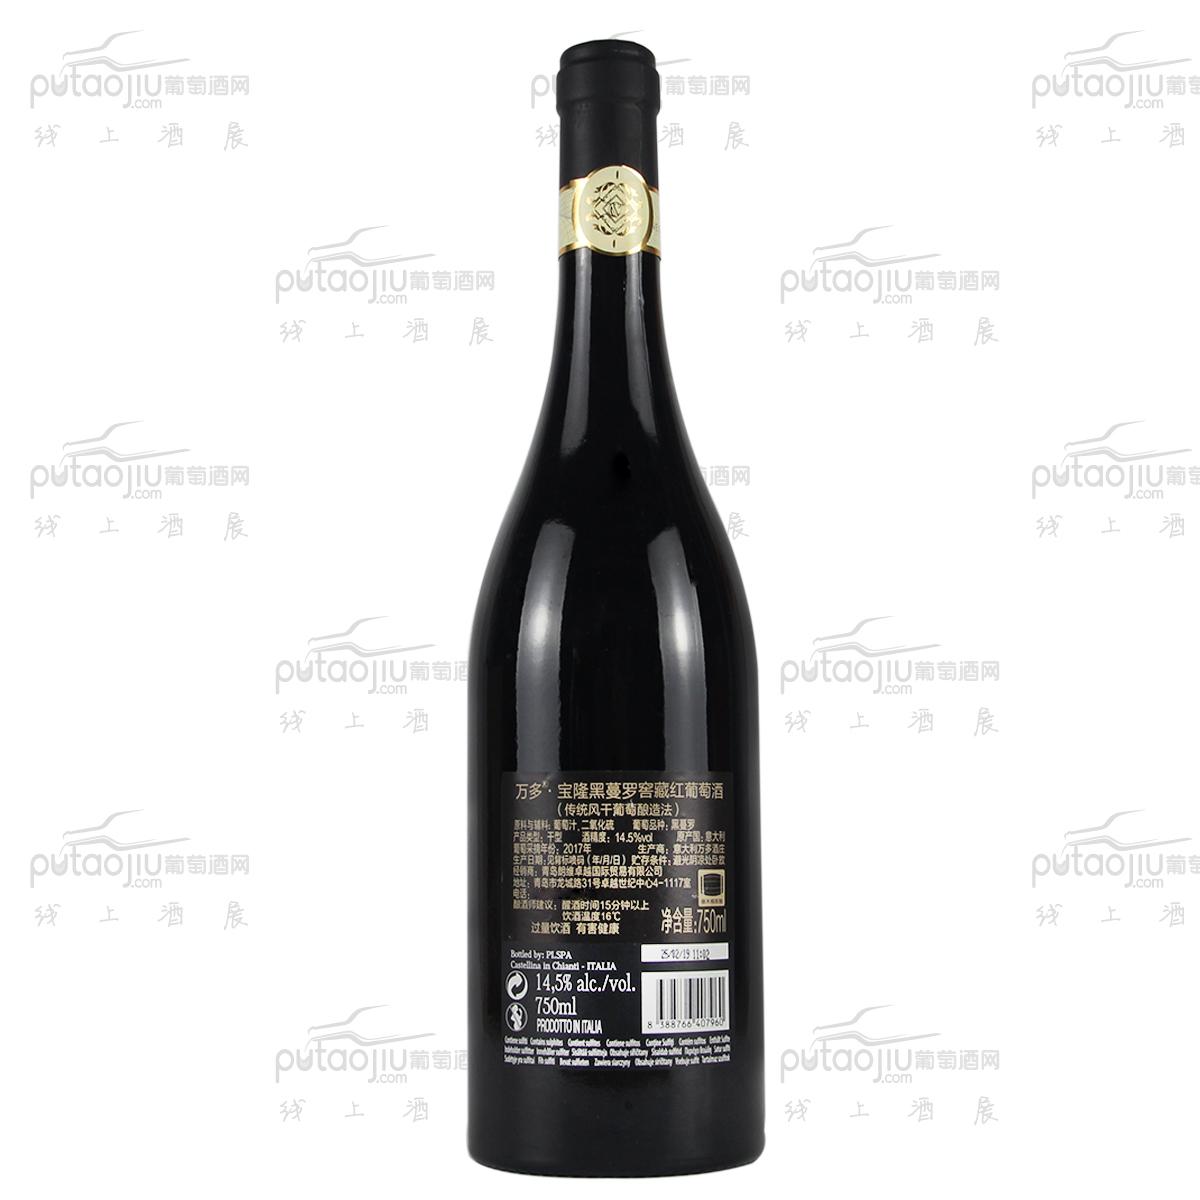 意大利阿斯蒂万多酒庄宝隆黑蔓罗窖藏IGT干红葡萄酒